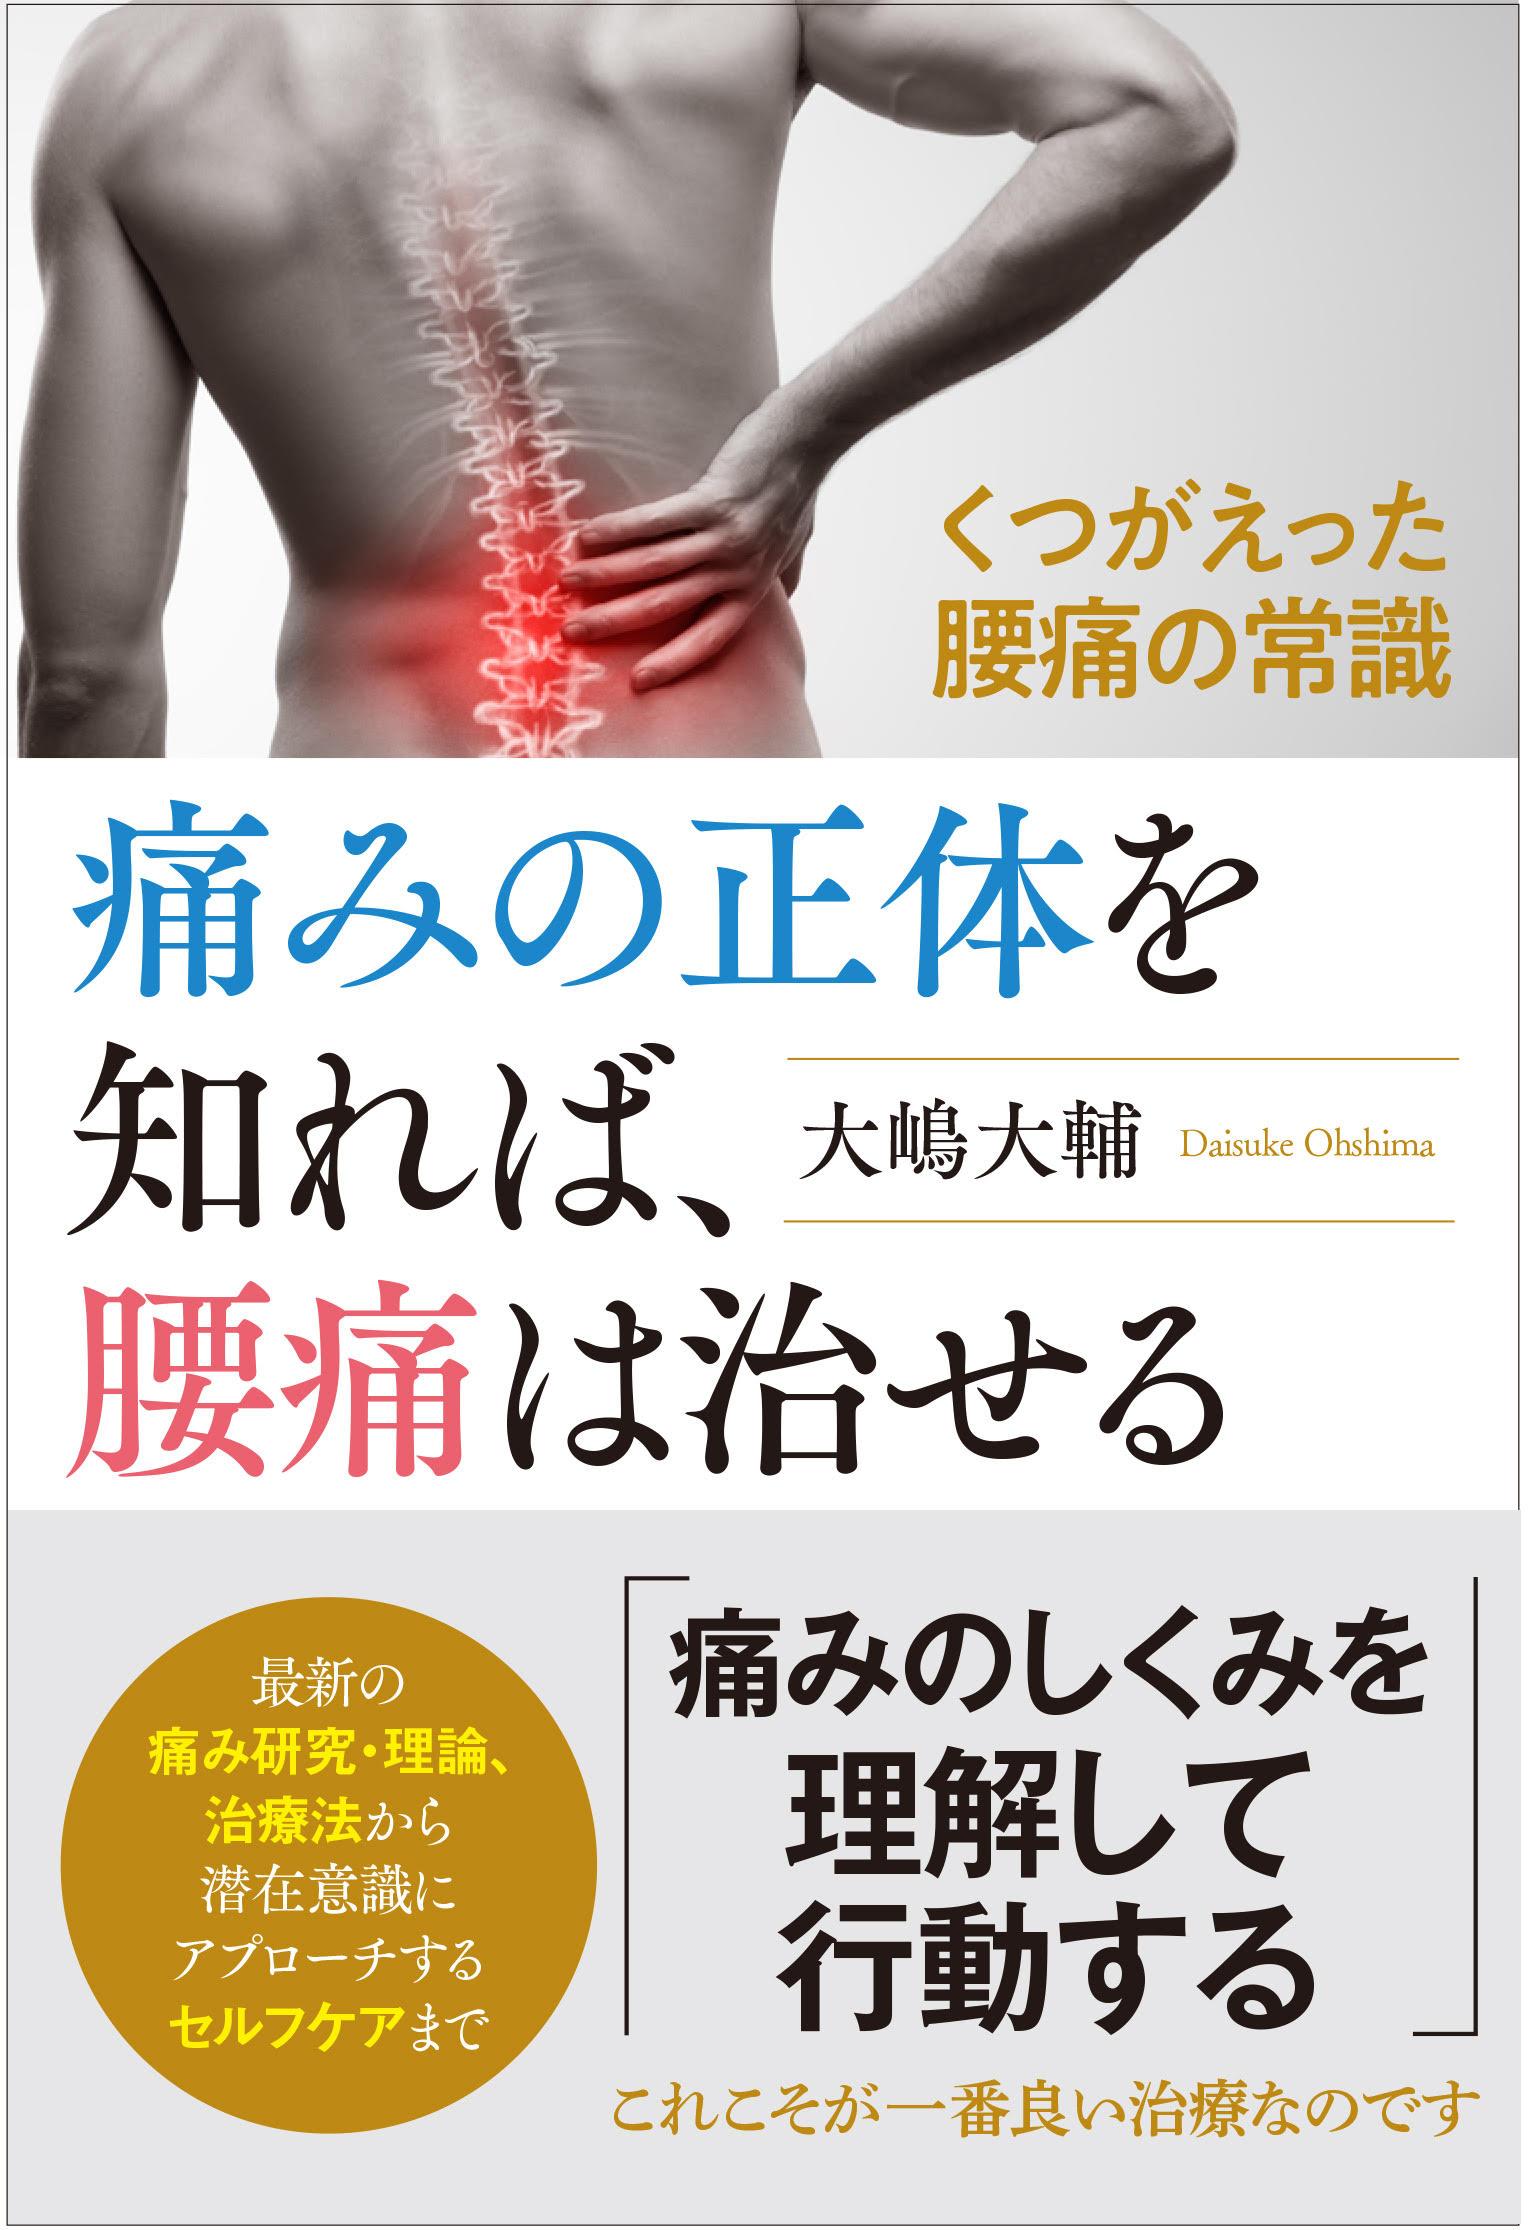 拙著「痛みの正体を知れば、腰痛は治せる」が新聞に掲載